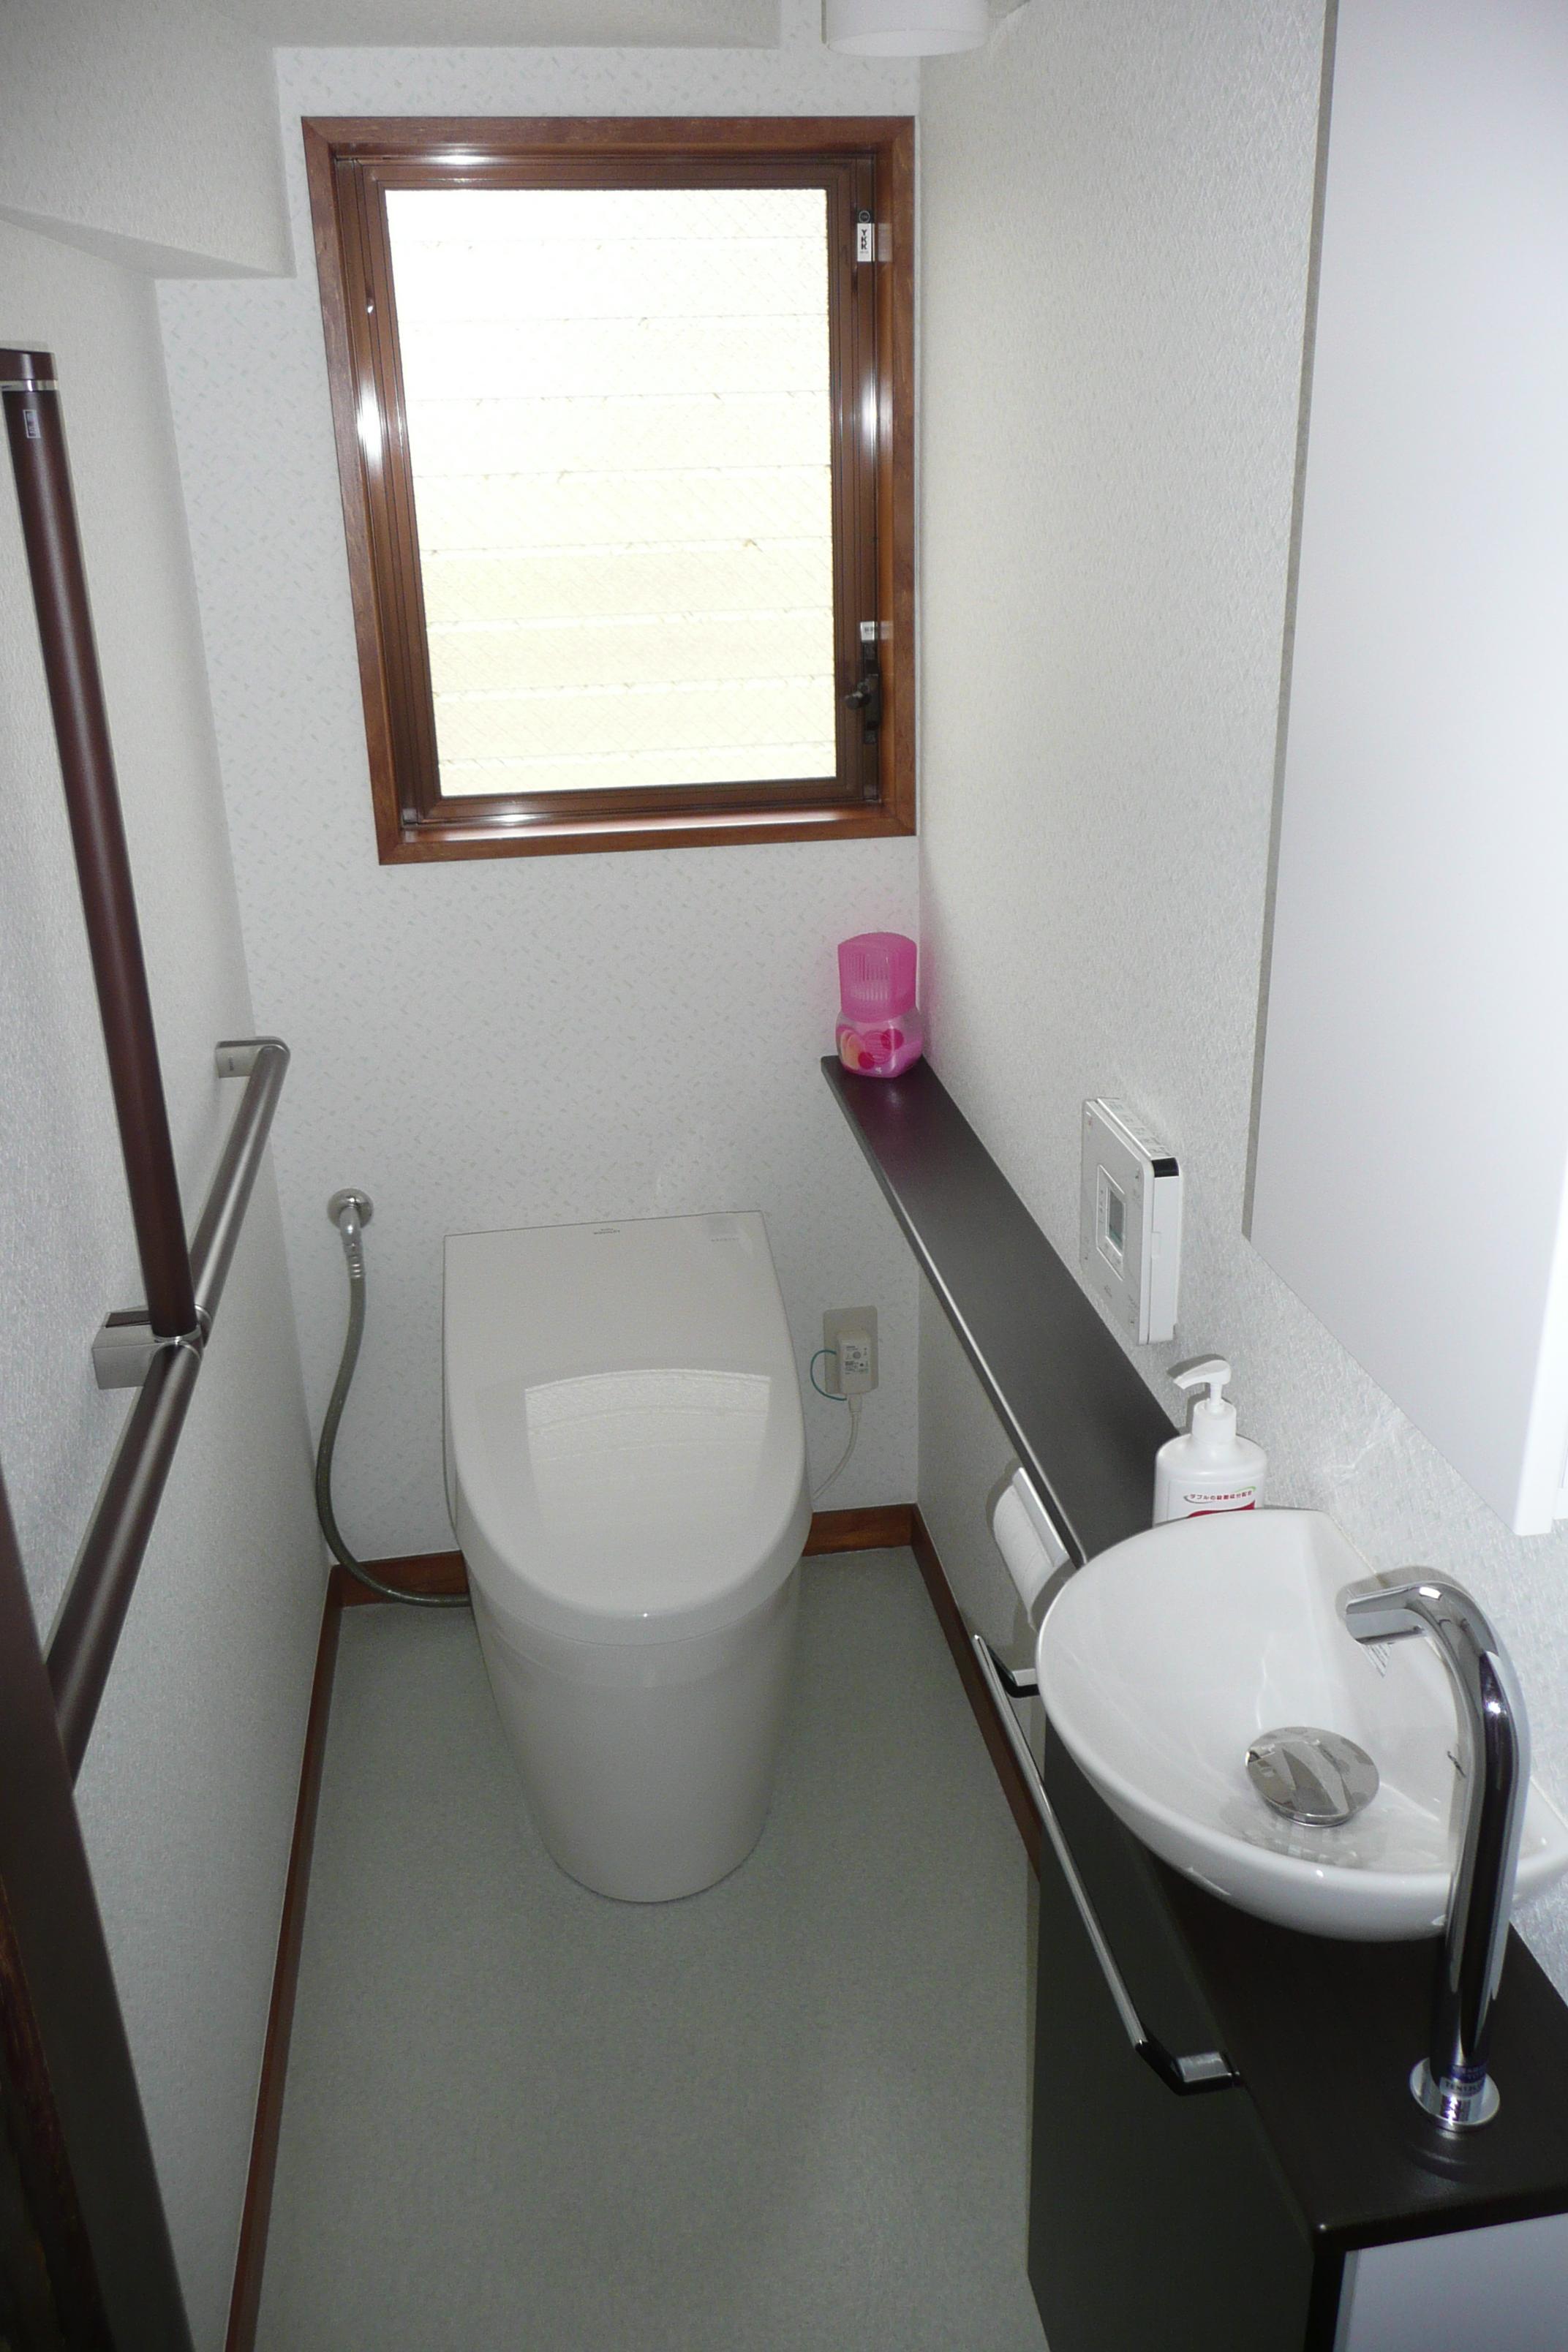 手すりをつけて安心なだけでなくスタイリッシュなトイレに変身